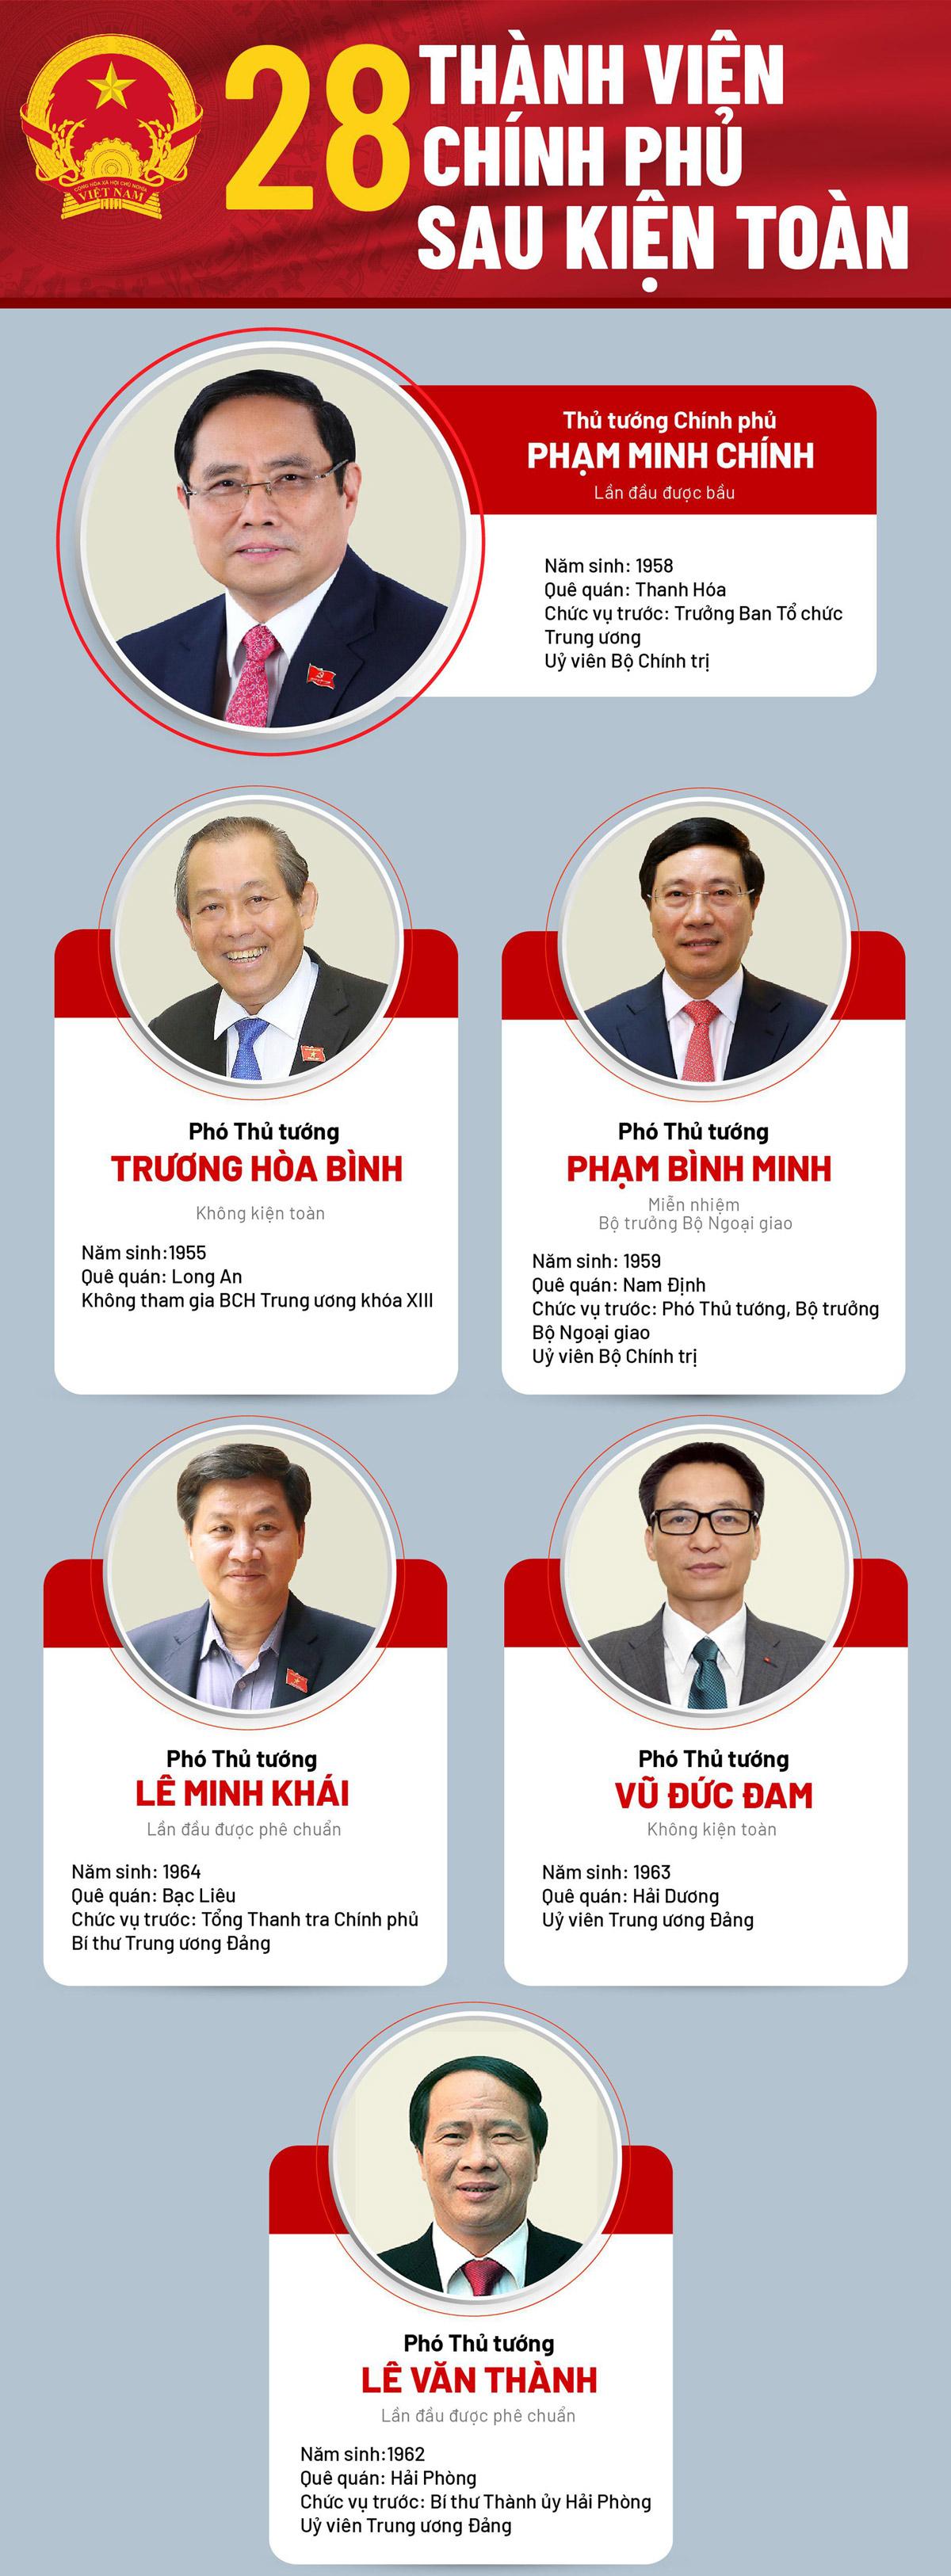 Chân dung 28 thành viên Chính phủ sau kiện toàn - 1